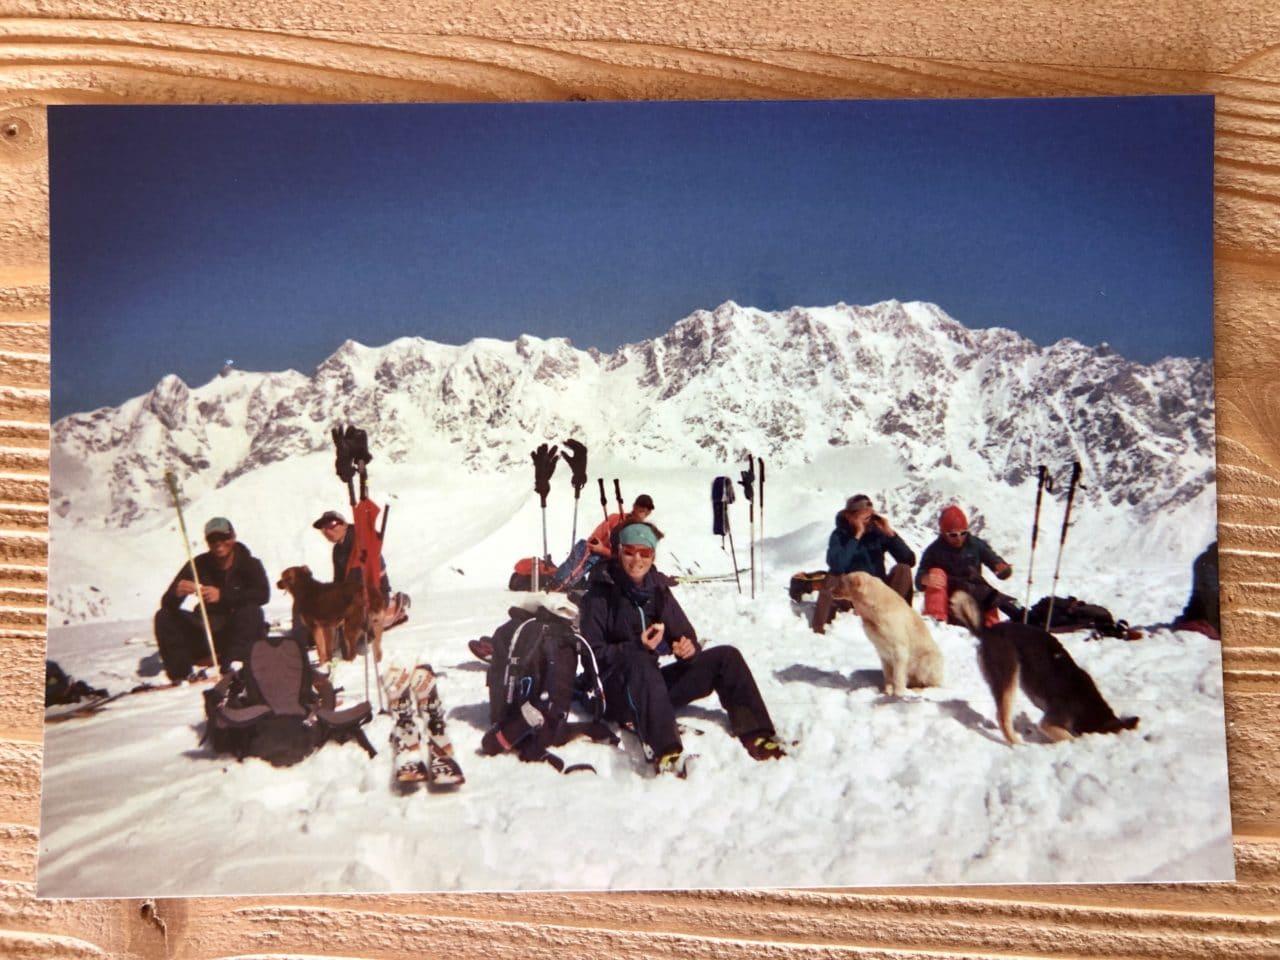 Voyage de ski de randonnée en Géorgie 2019 avec Yann Nussbaumer guide chez Helyum